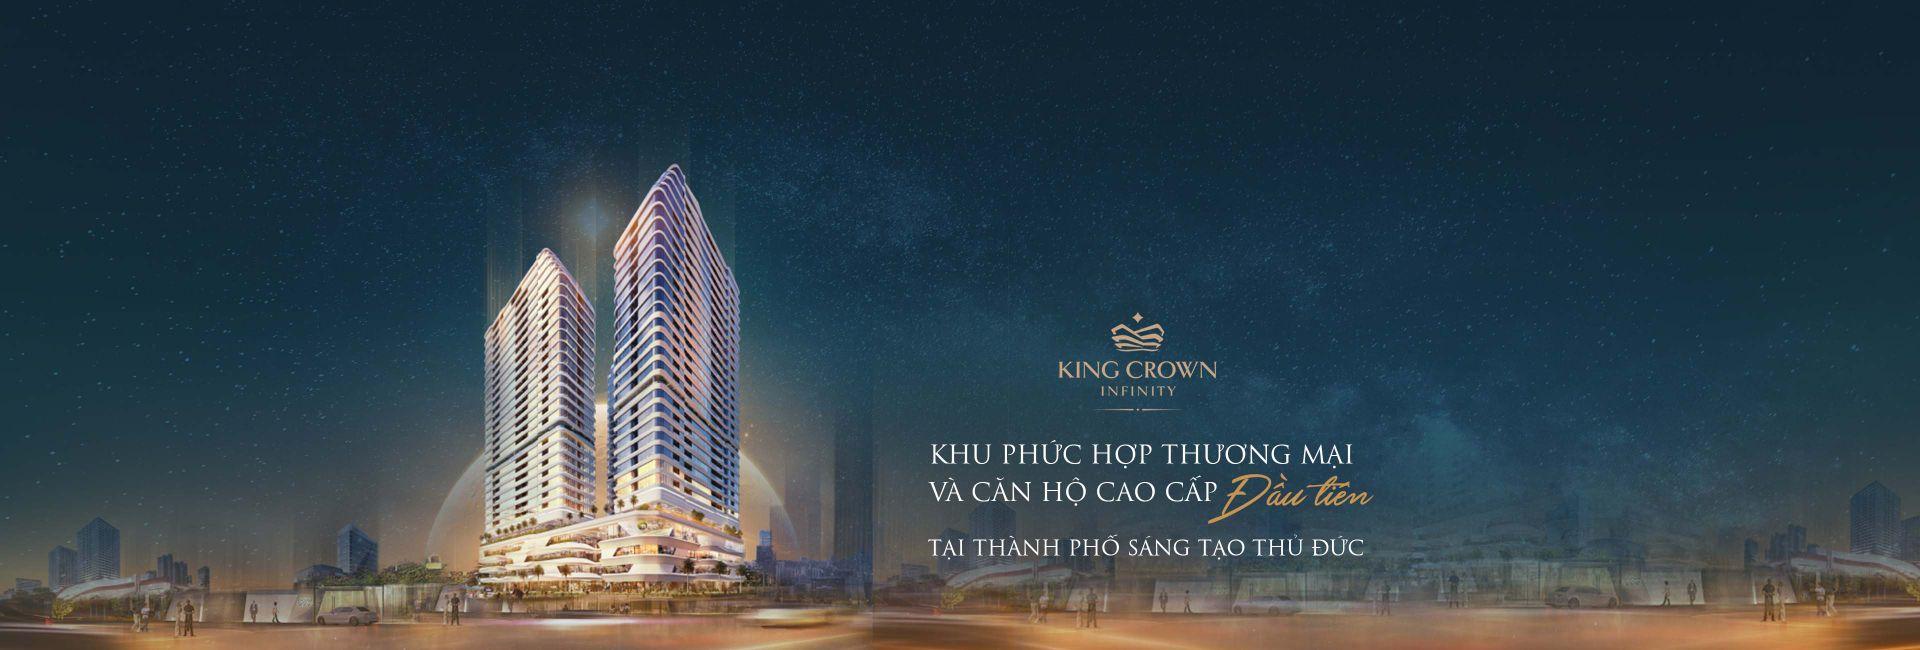 Dự án căn hộ King Crown Thủ Đức